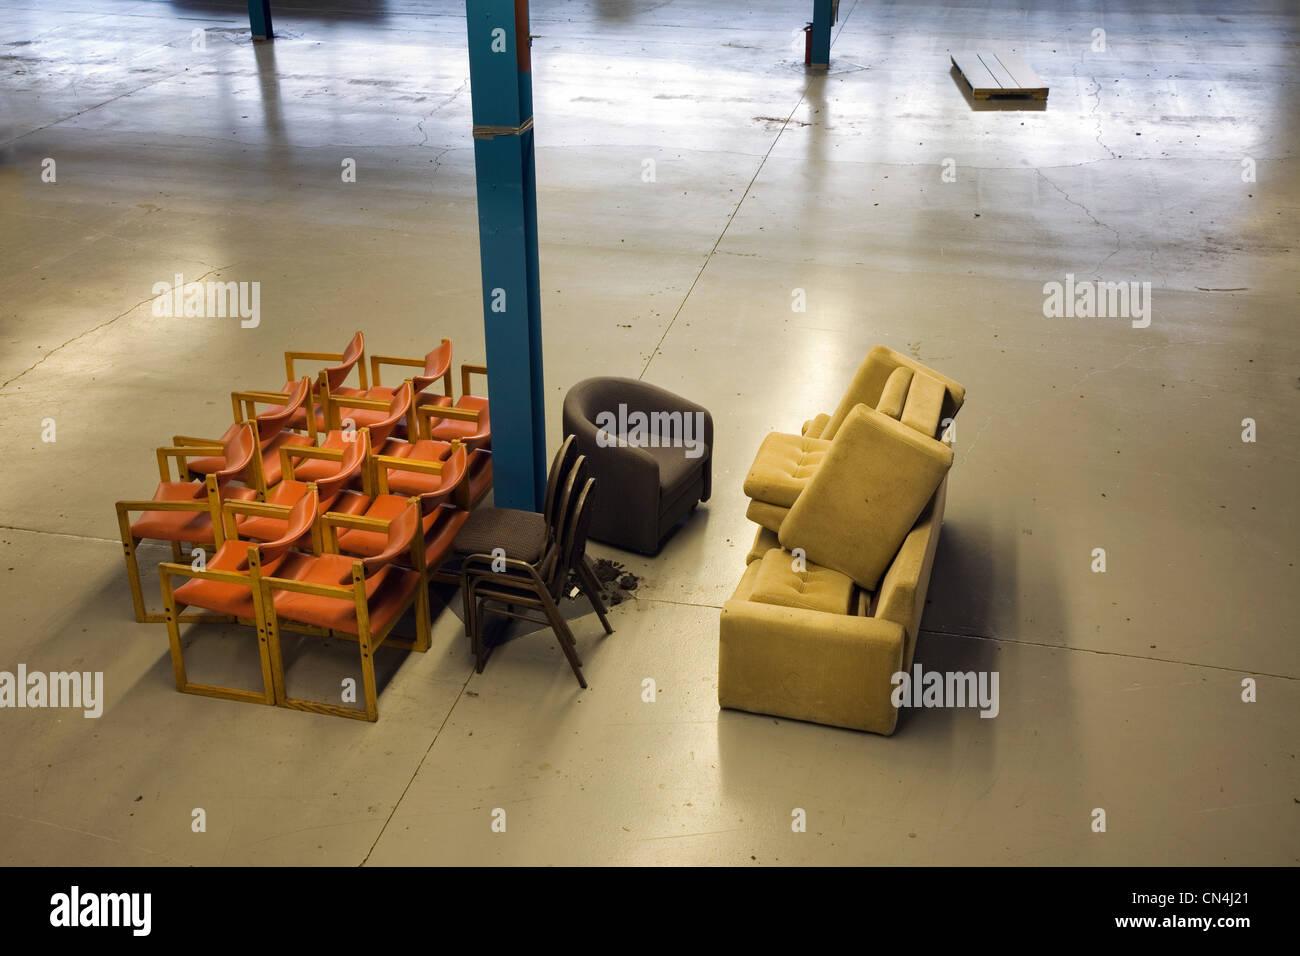 Chaises empilées dans un entrepôt vide Banque D'Images